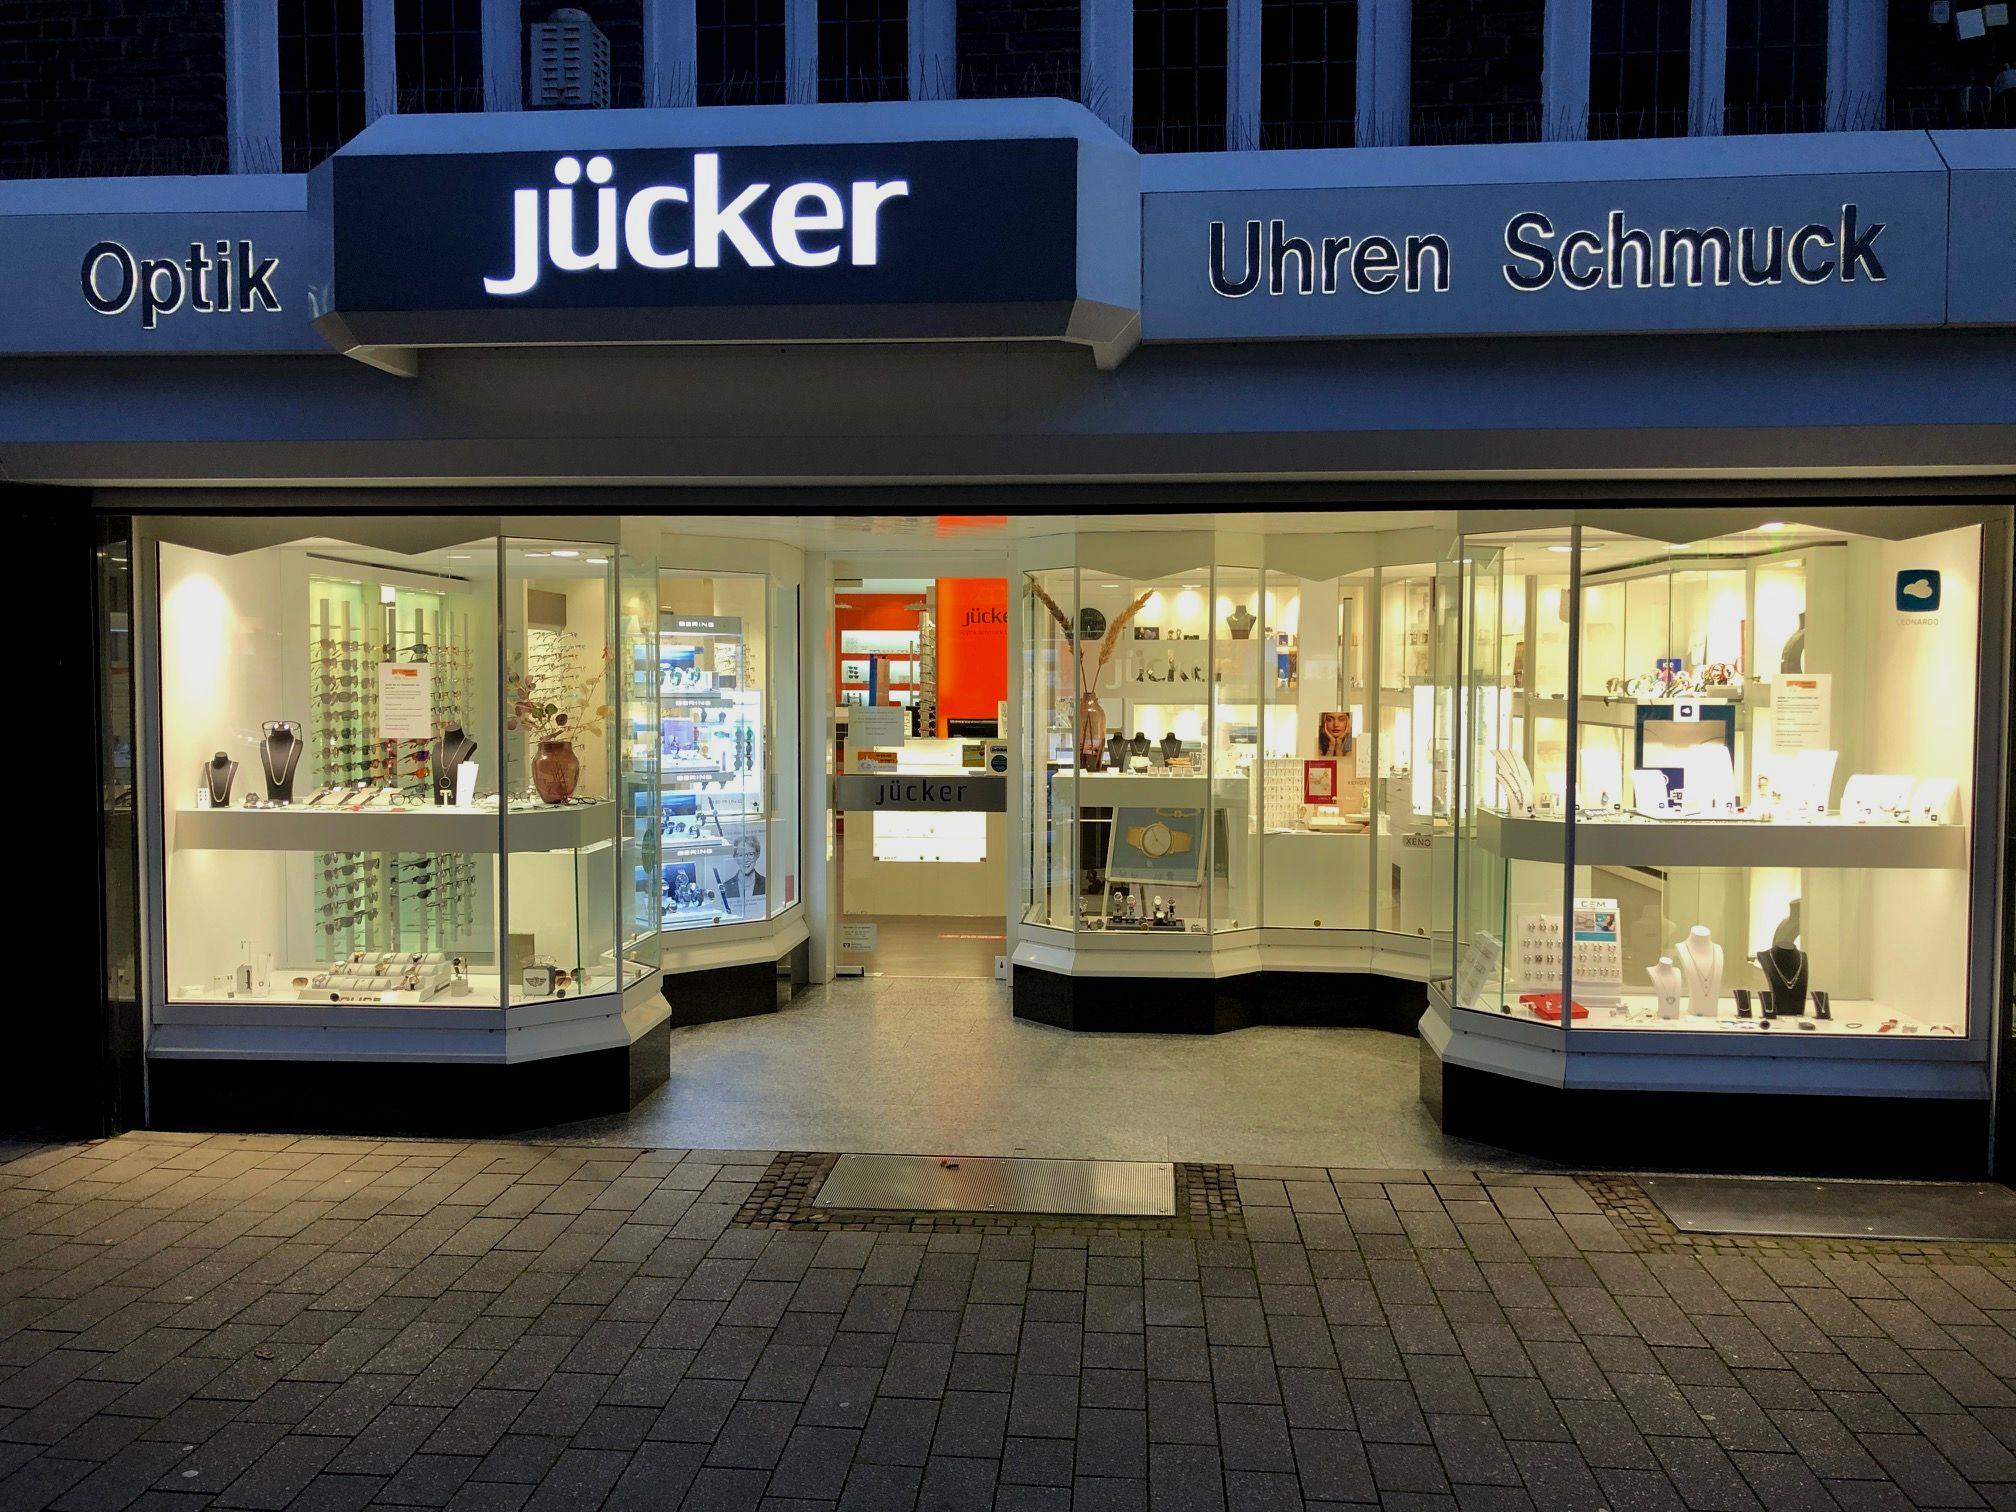 Augenoptik Uhren Schmuck Jücker